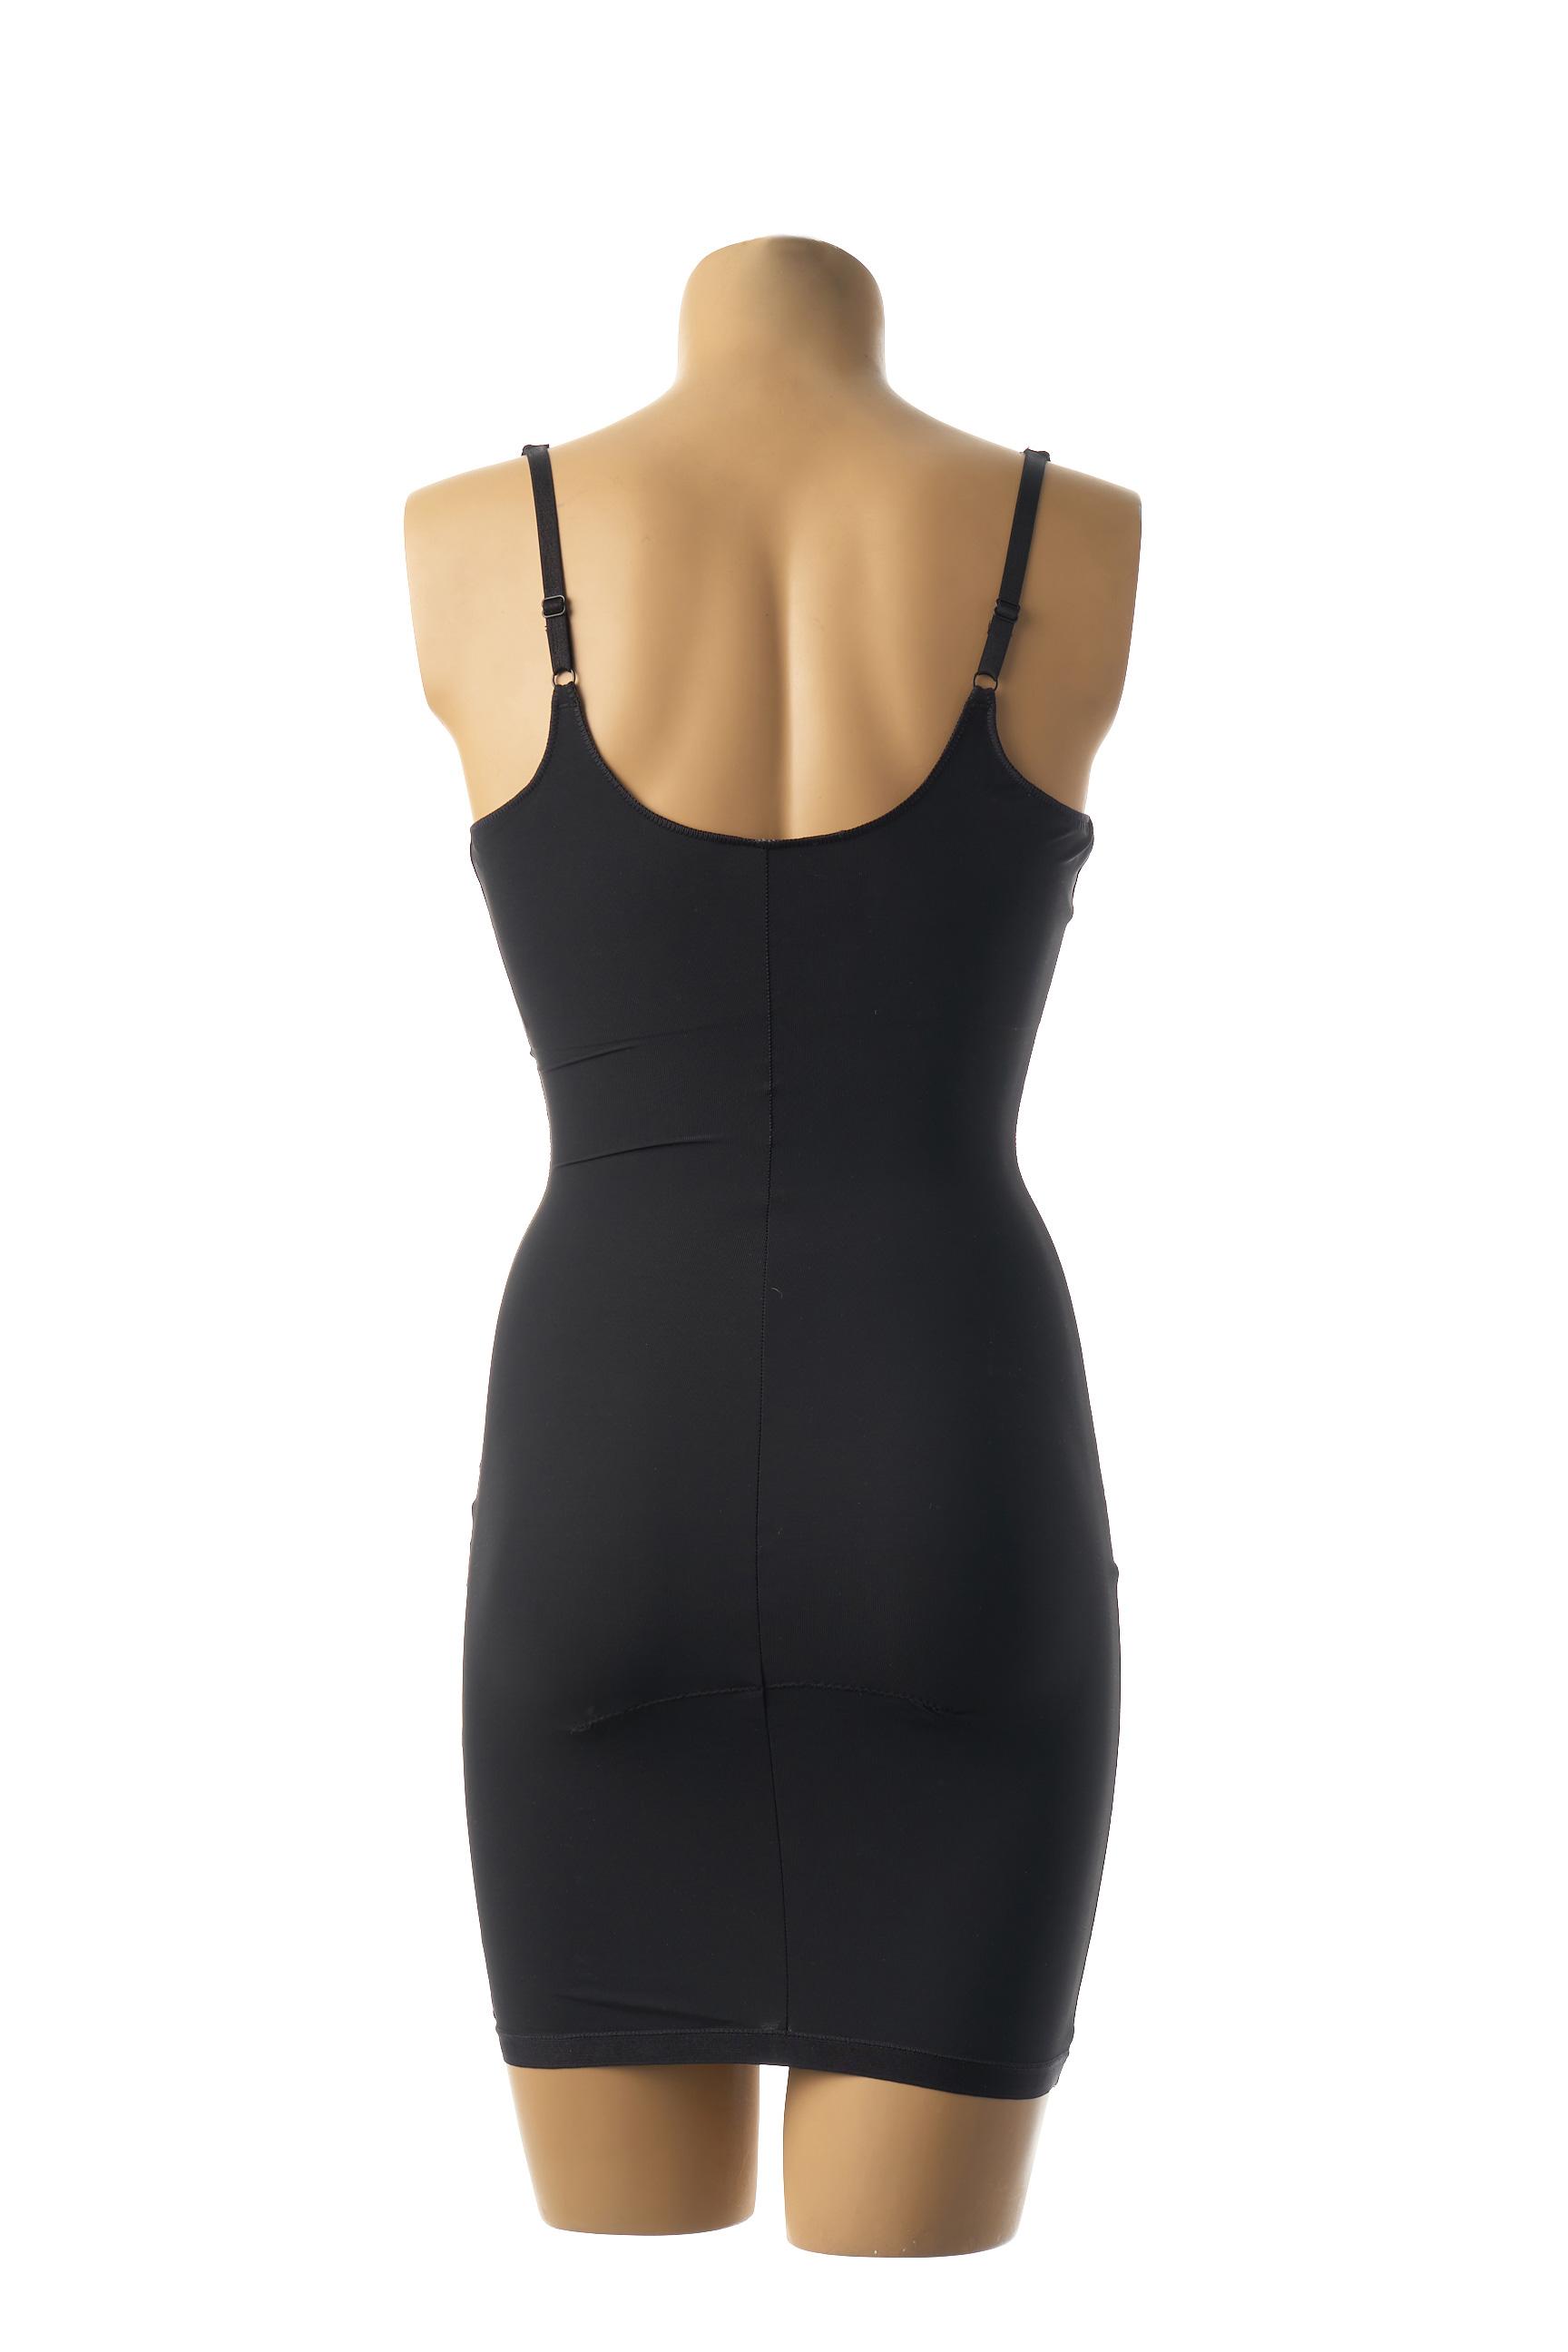 Ysabel Mora Jupons Fonds De Robe Femme De Couleur Noir En Soldes Pas Cher 1457062 Noir00 Modz